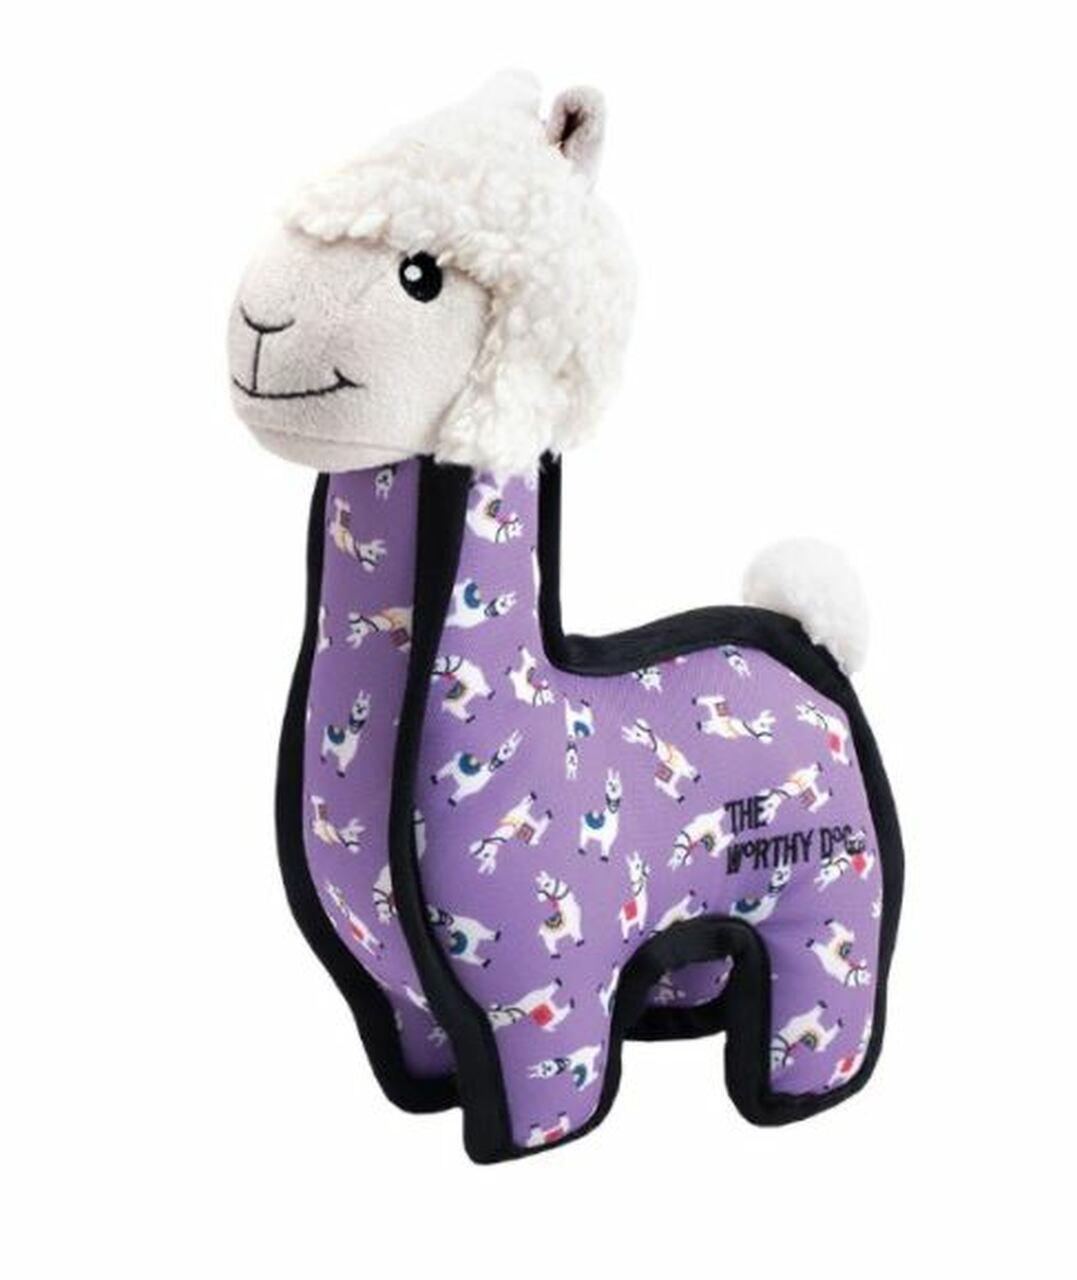 The Worthy Dog Llama Dog Toy, Small